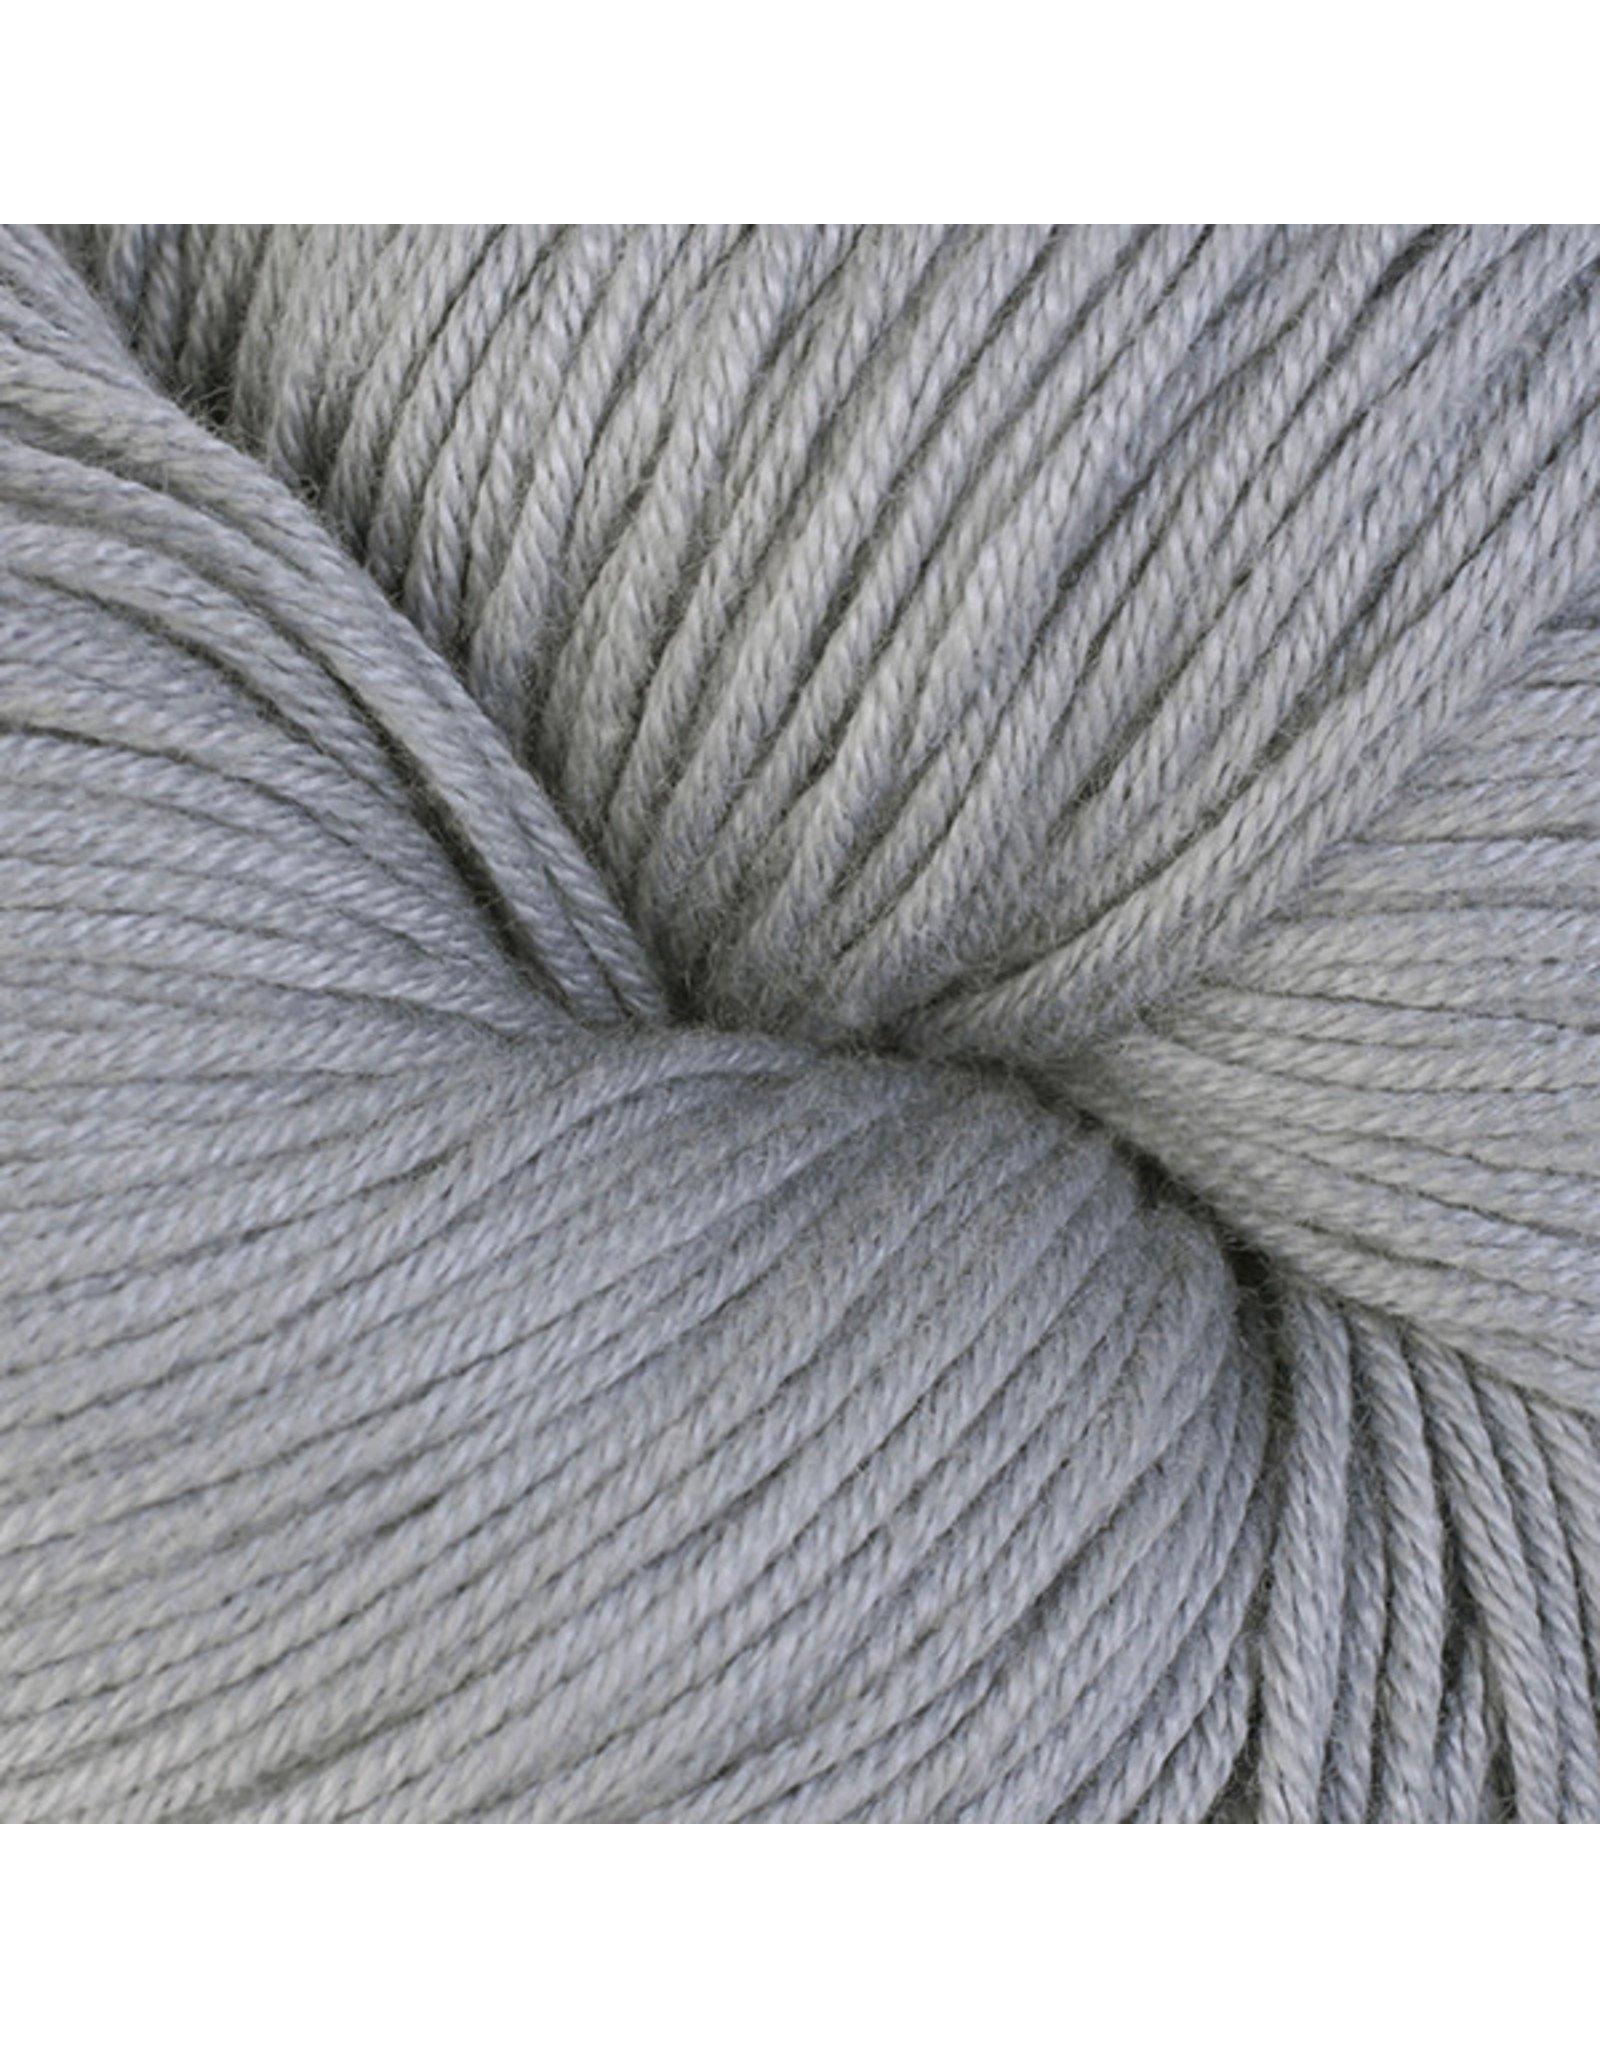 6623 Tiverton - Modern Cotton DK - Berroco